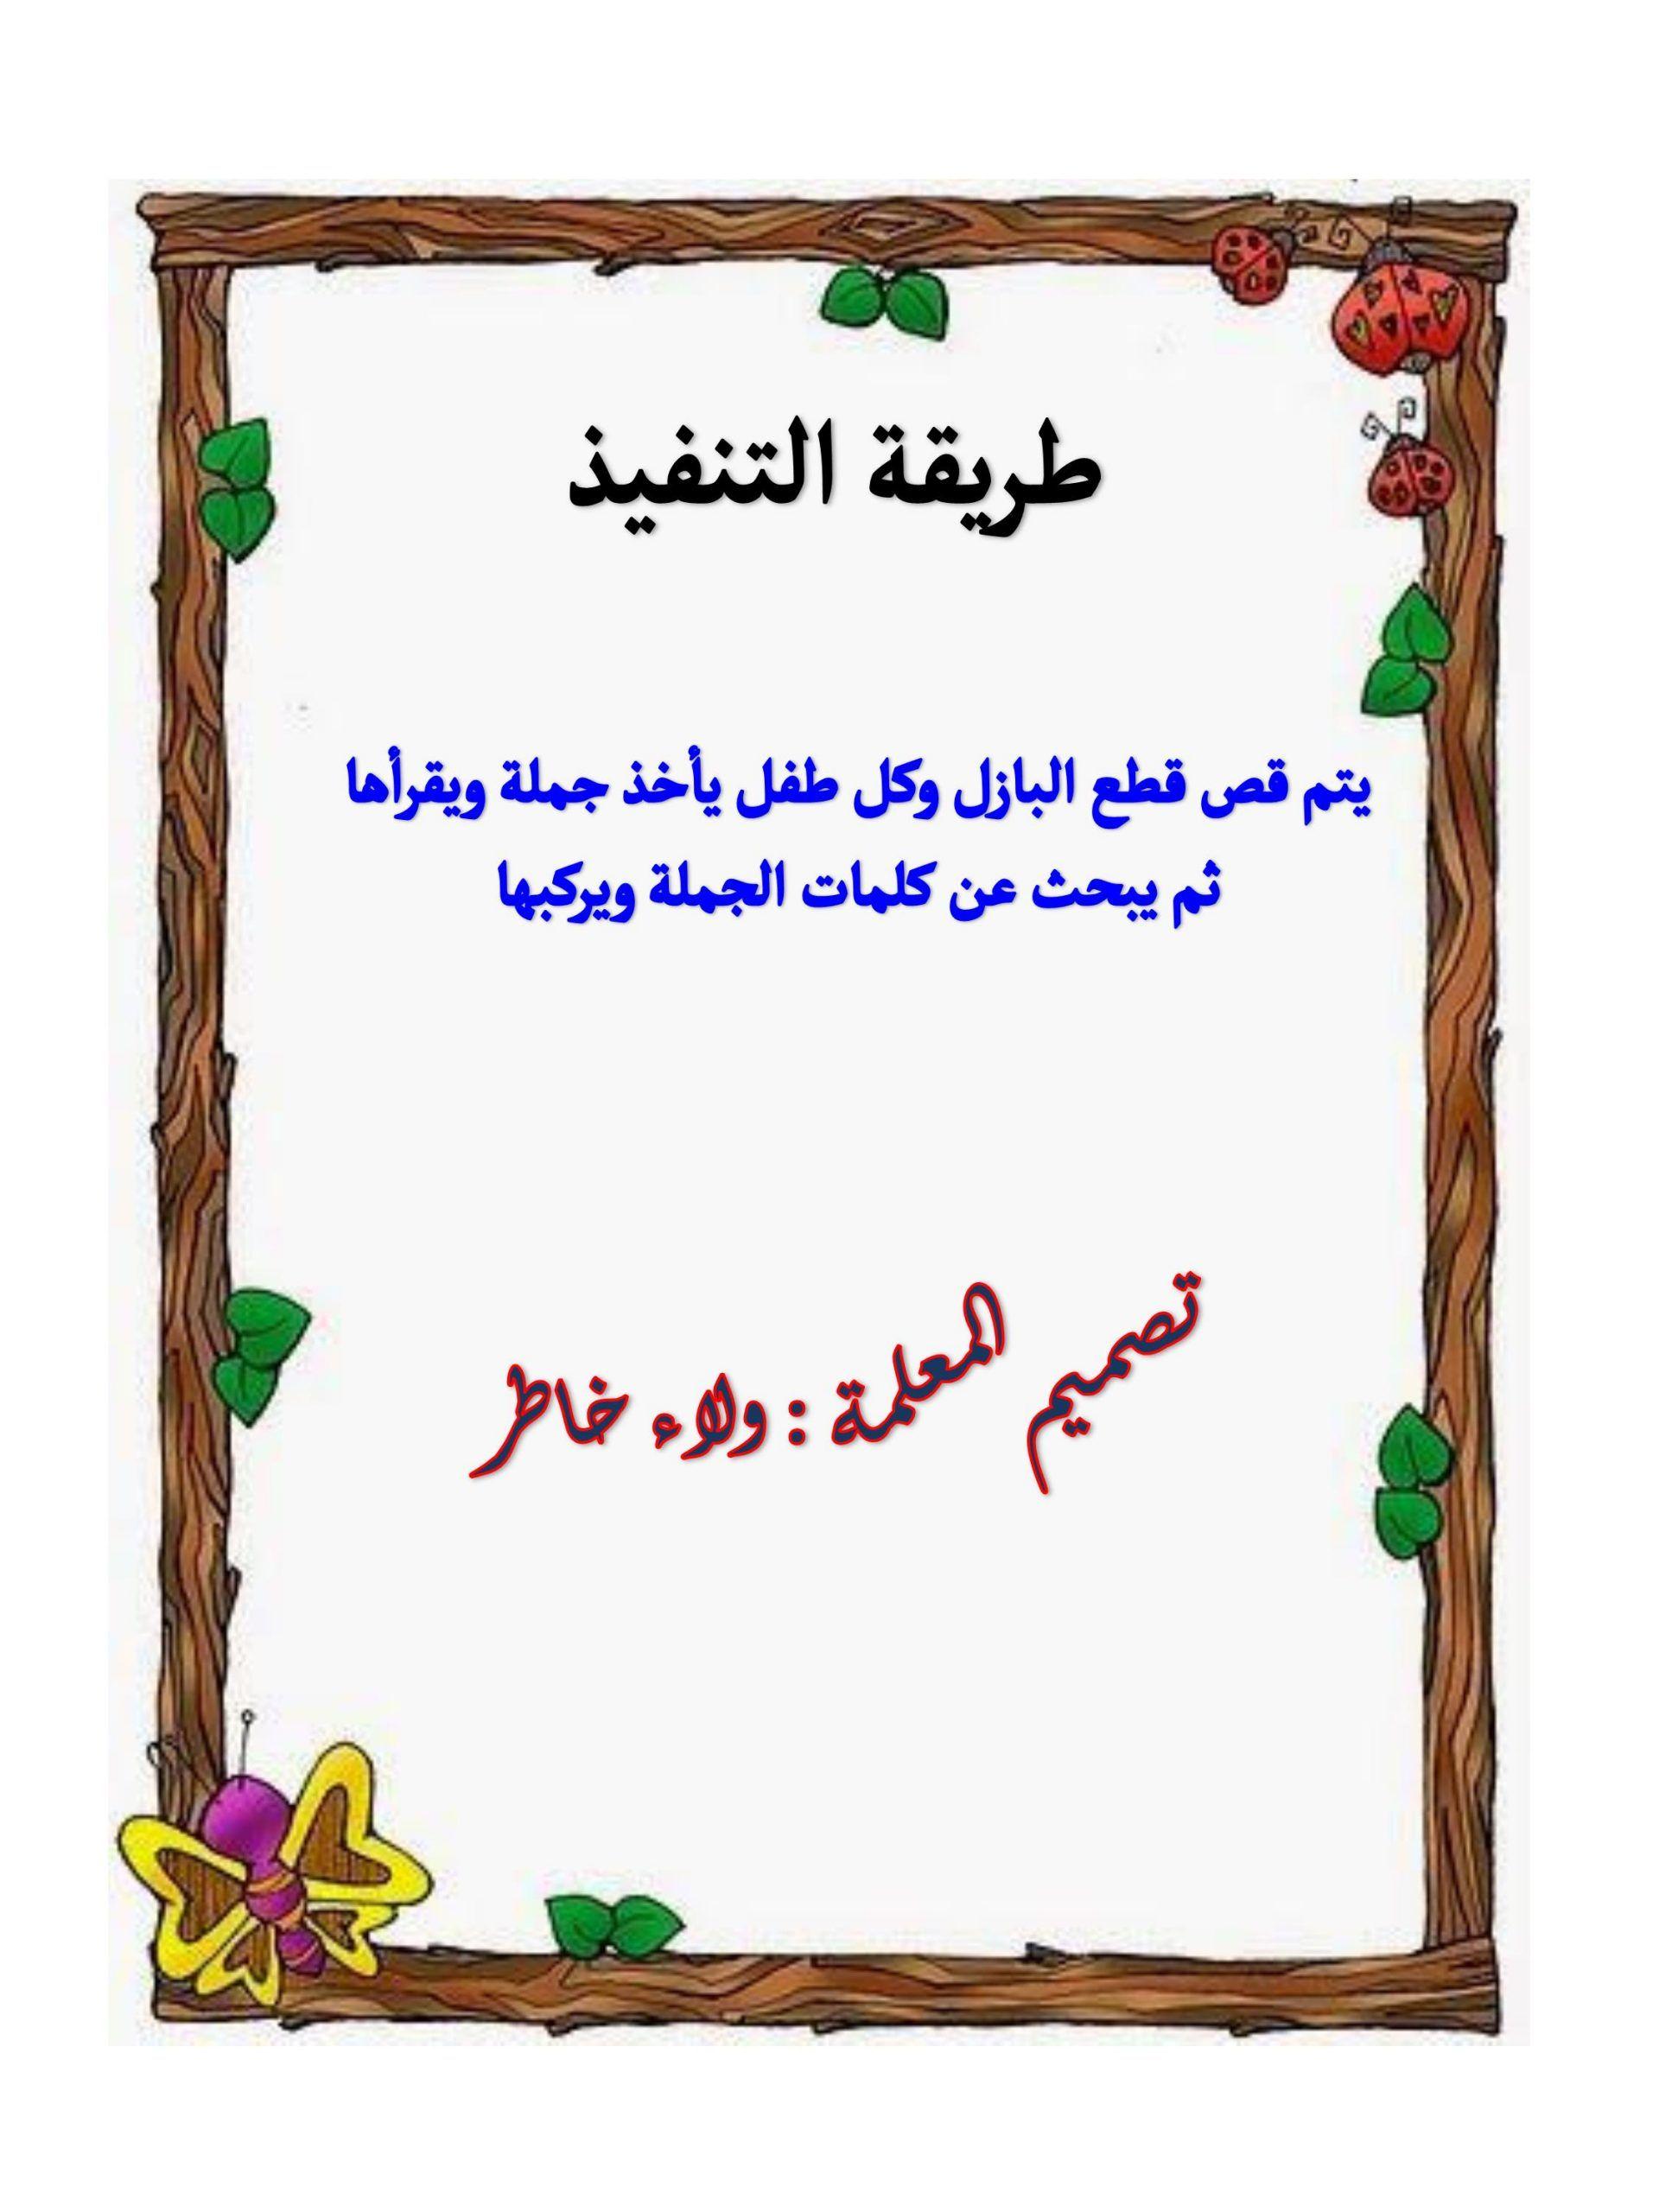 بطاقات ملونة لصور تركيب الجمل للصف الاول مادة اللغة العربية Home Decor Frame